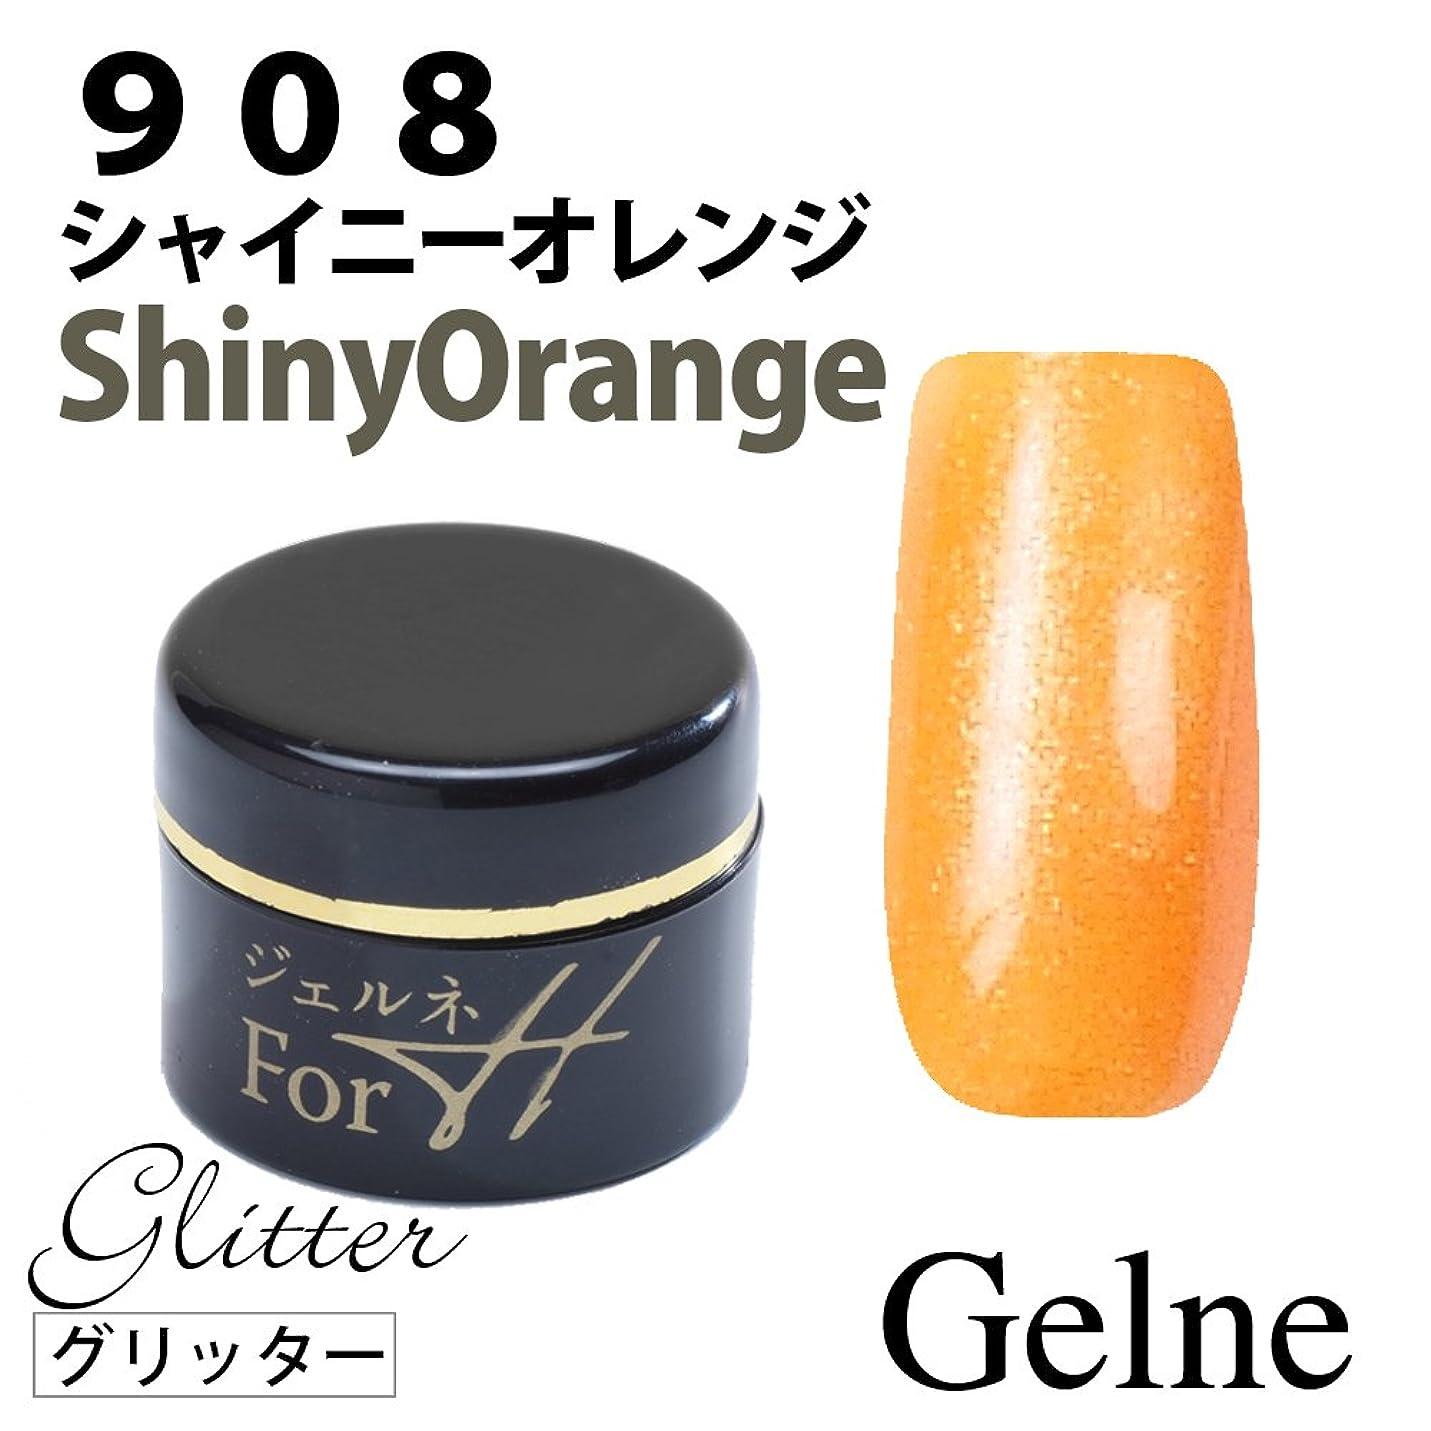 誤たるみプラスGelneオリジナル シャイニーオレンジ カラージェル 5g LED/UV対応 ソークオフジェル